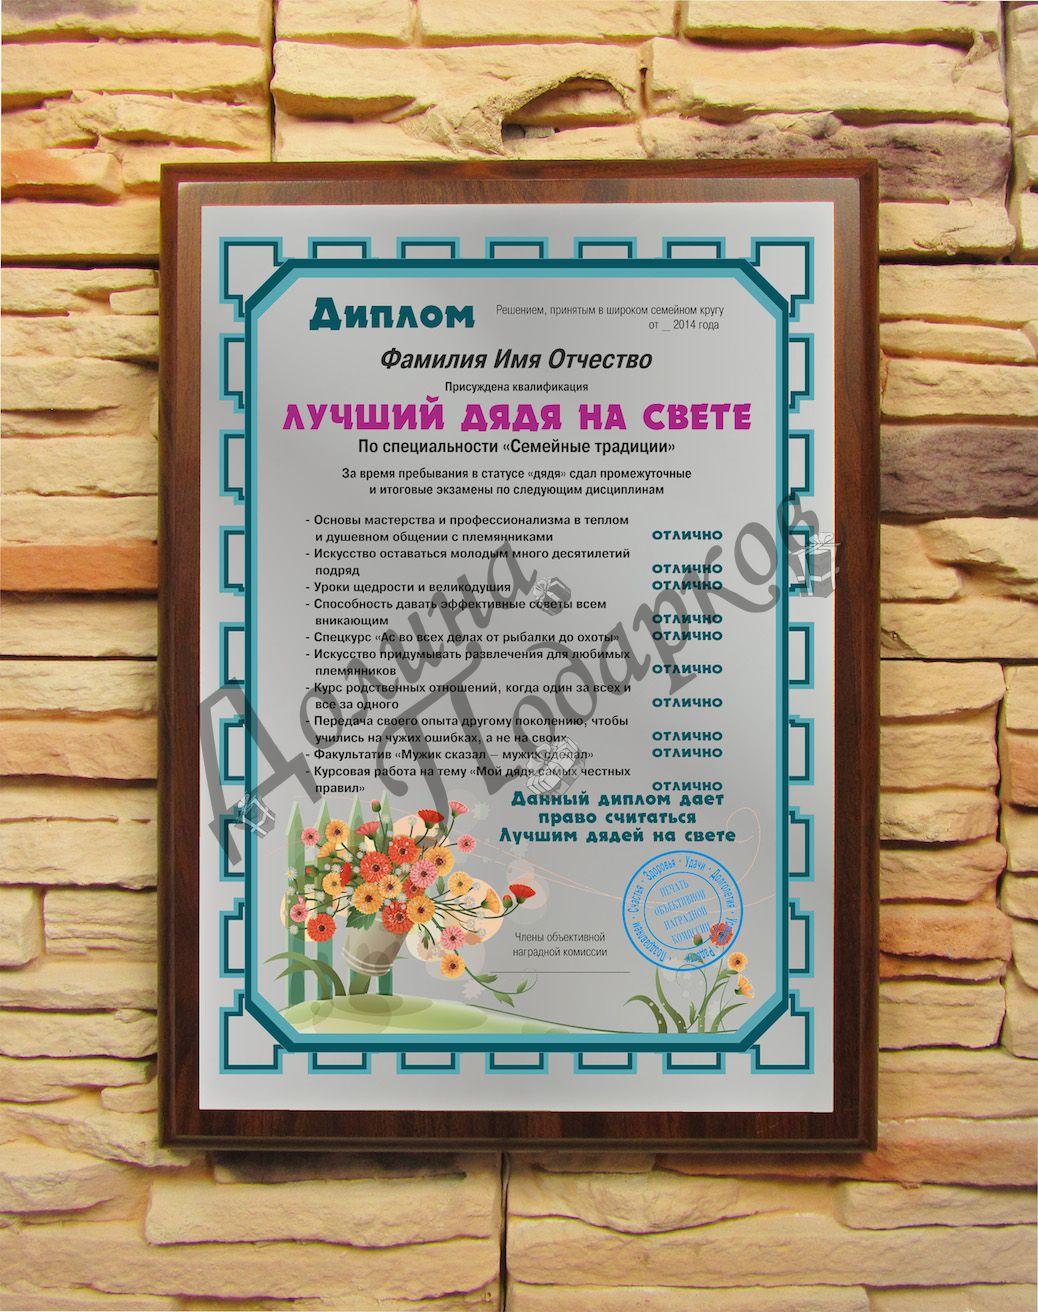 Подарочный диплом (плакетка) *Лучший дядя на свете*